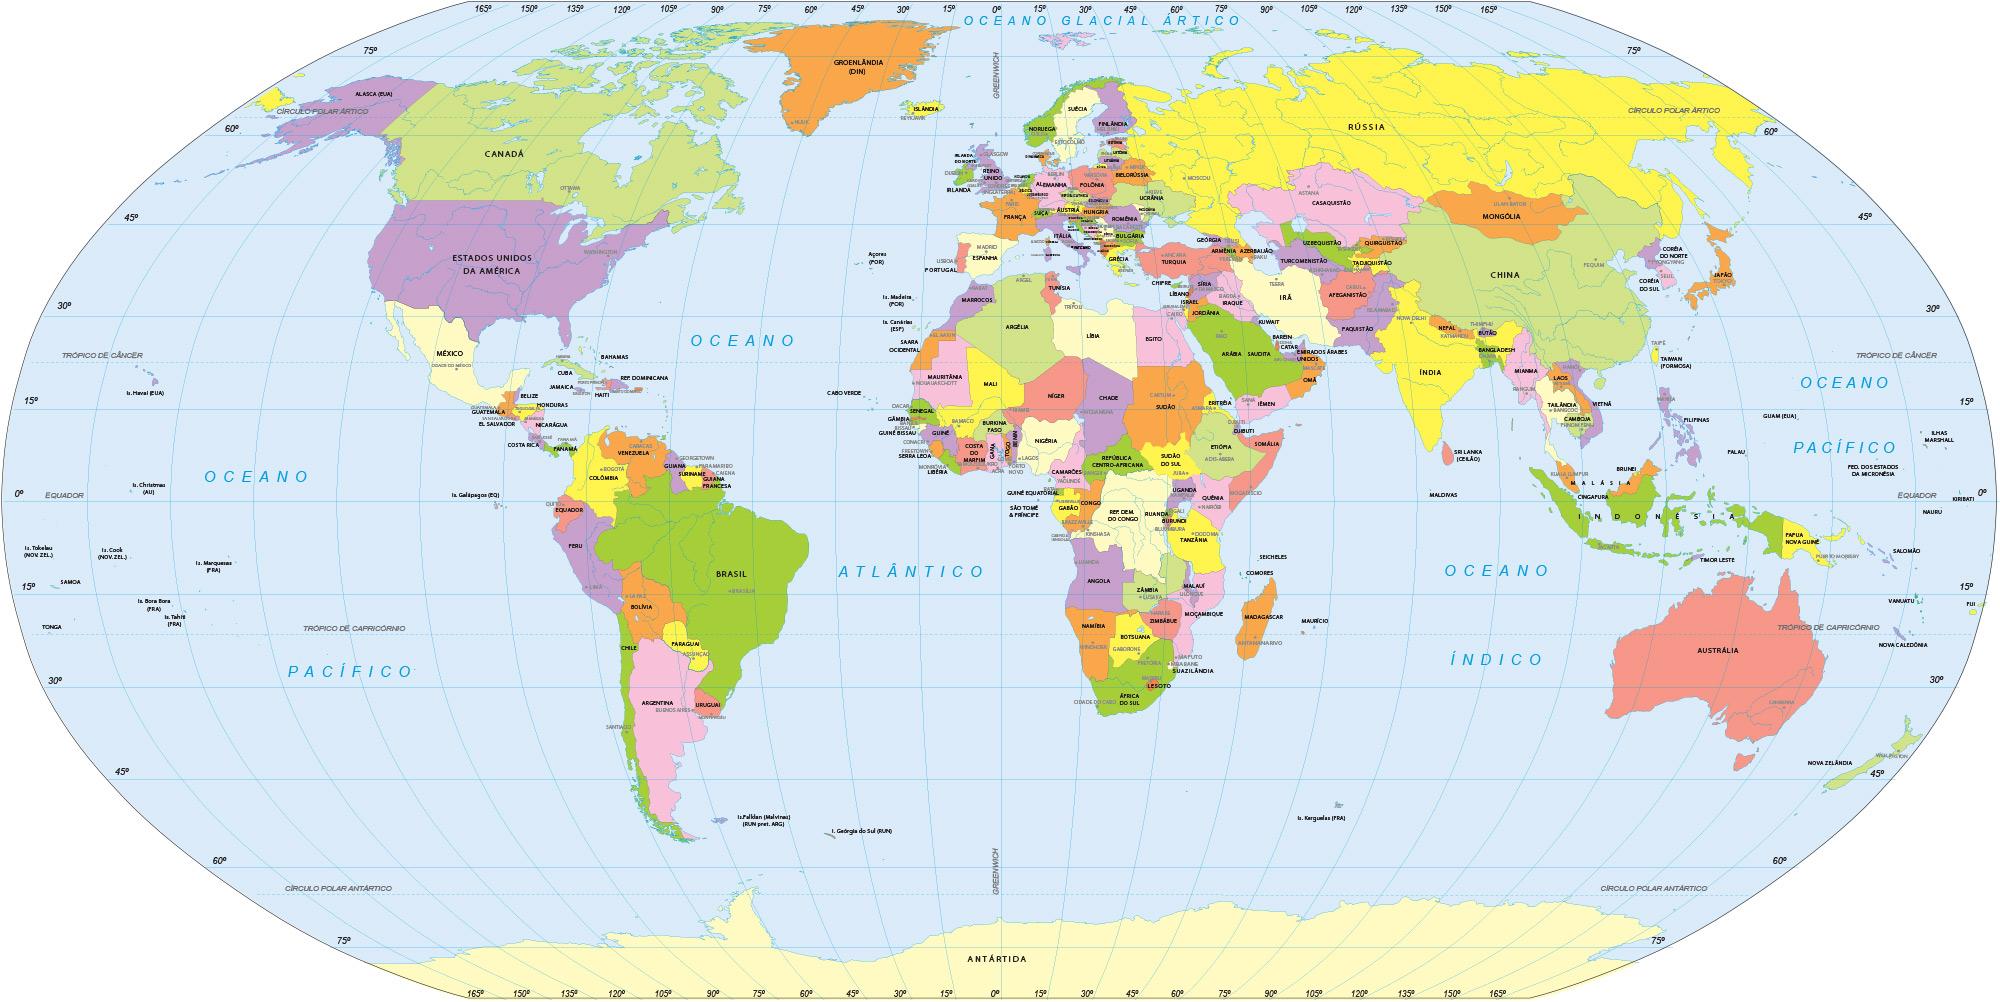 16 wallpaper mapa mundi - photo #20